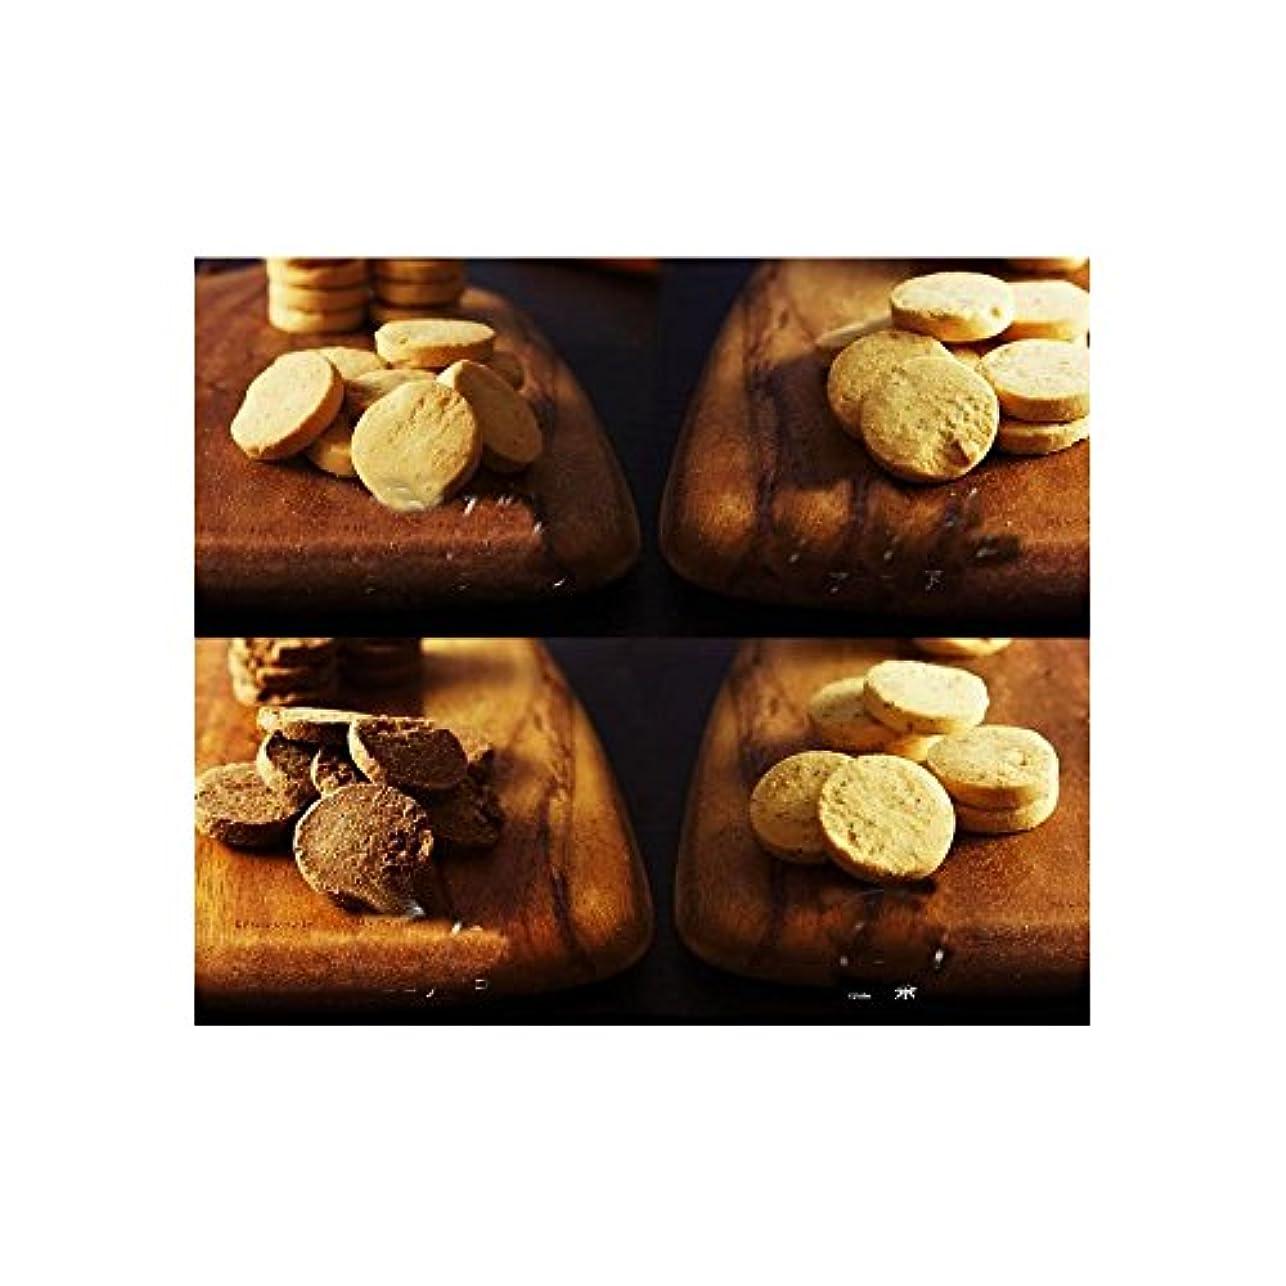 モザイク扱うキャラクター糖質を抑えた豆乳おからクッキー